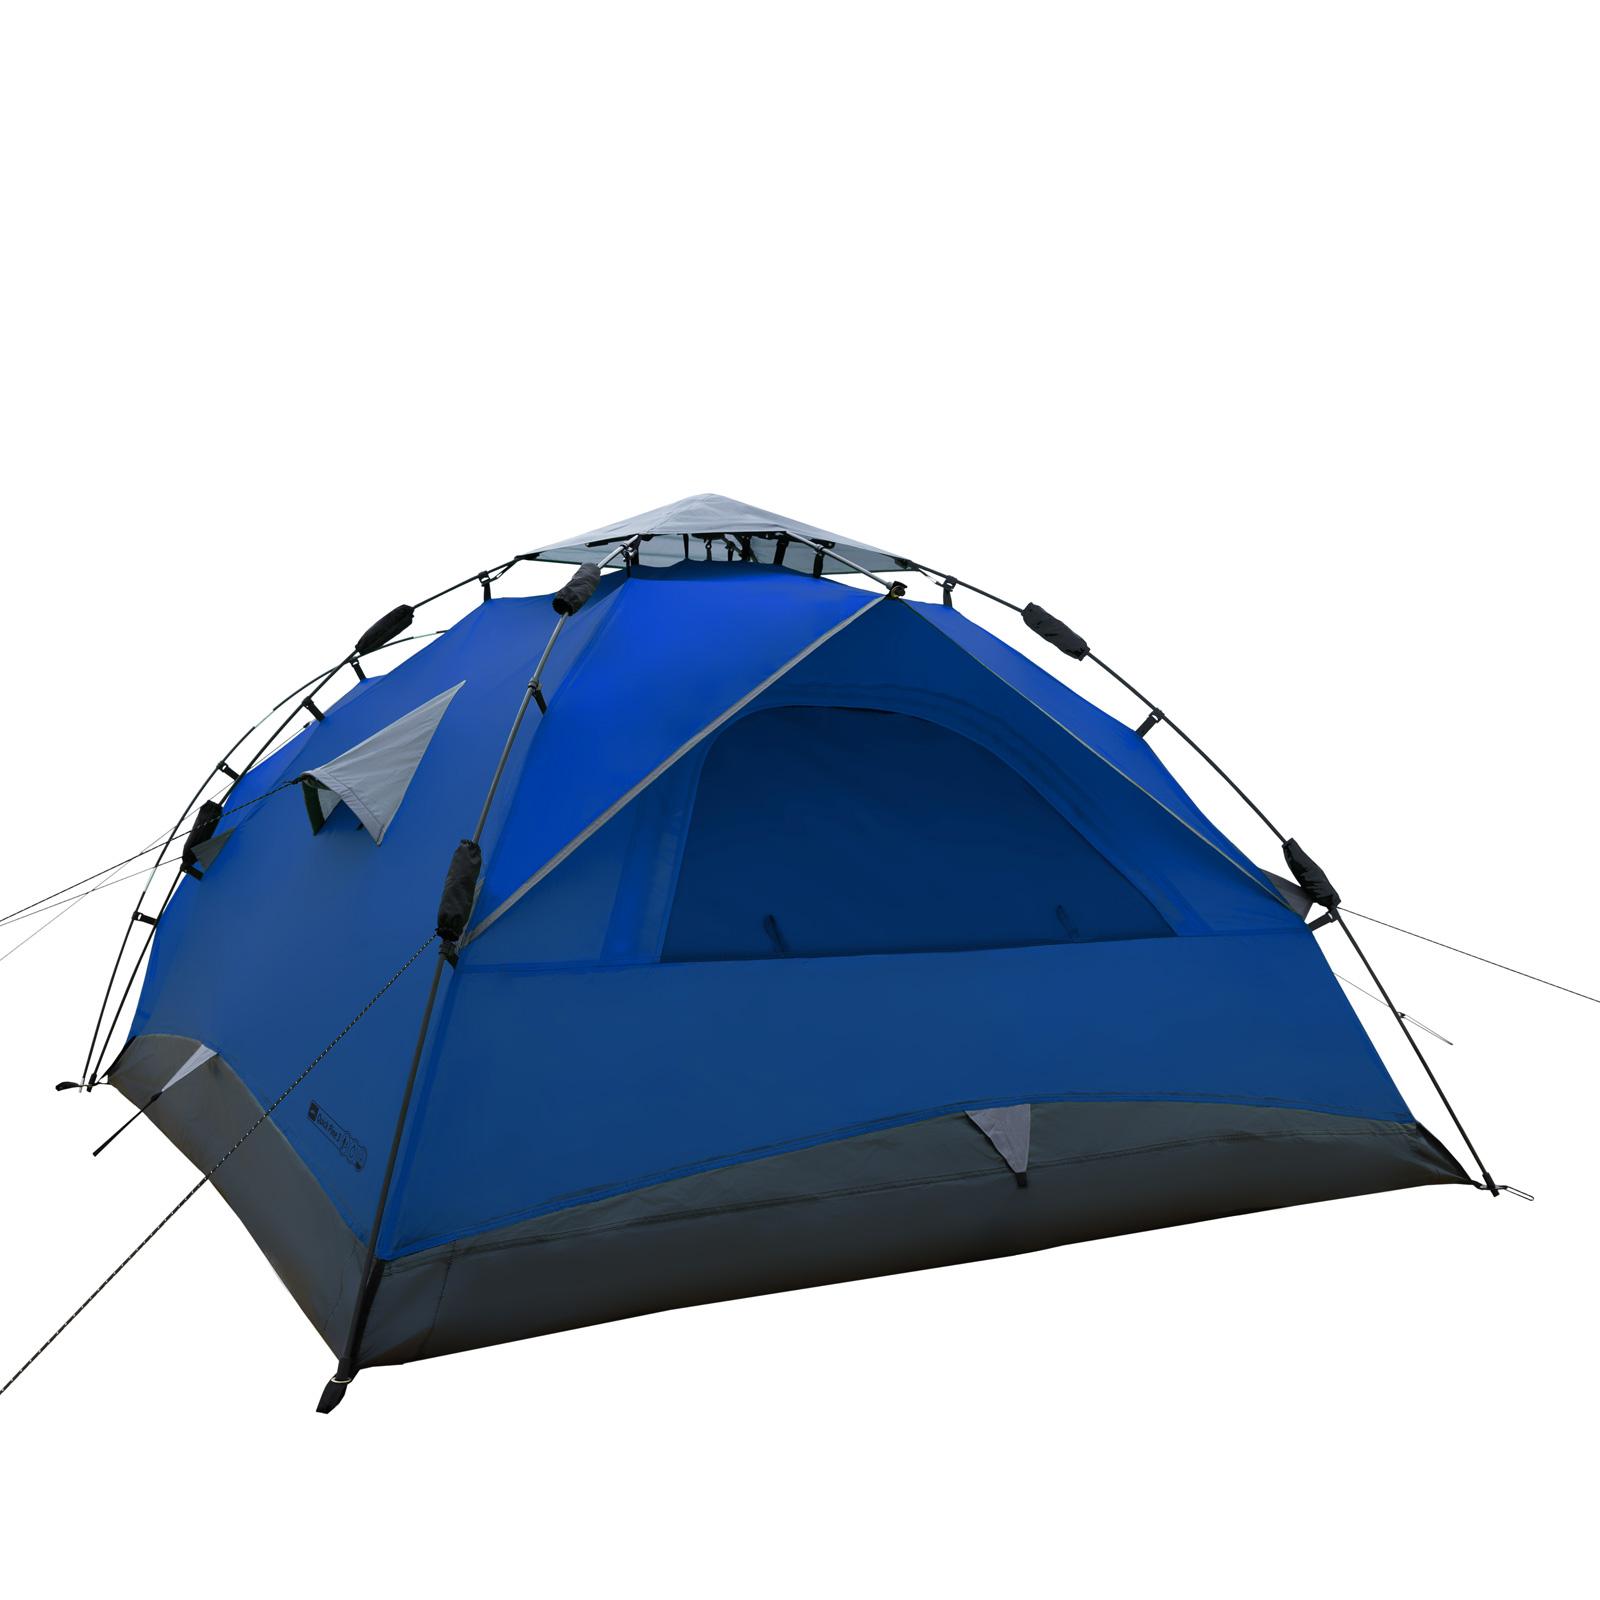 sekundenzelt qeedo quick pine 3 personen zelt campingzelt pop up zelt wurfzelt eur 79 90. Black Bedroom Furniture Sets. Home Design Ideas